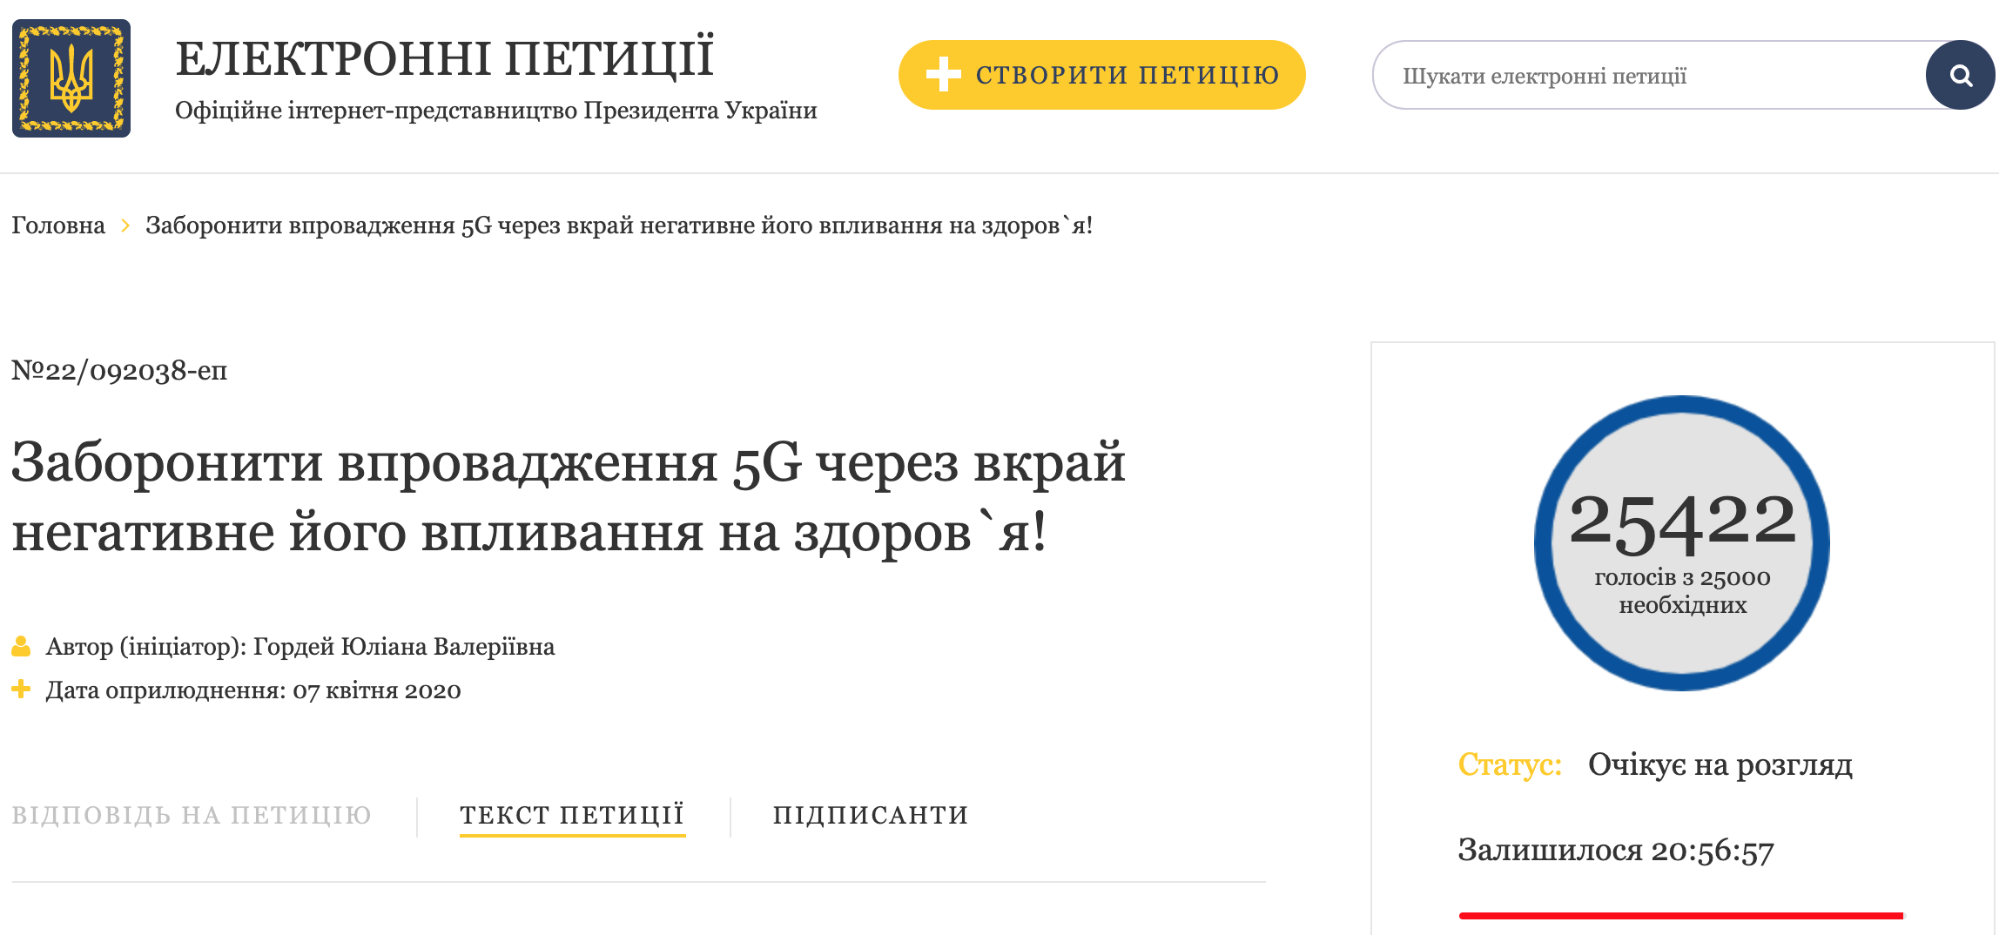 Як українці стали адептами теорії змови: 49% відмовляться від вакцинації проти COVID-19, фото-1